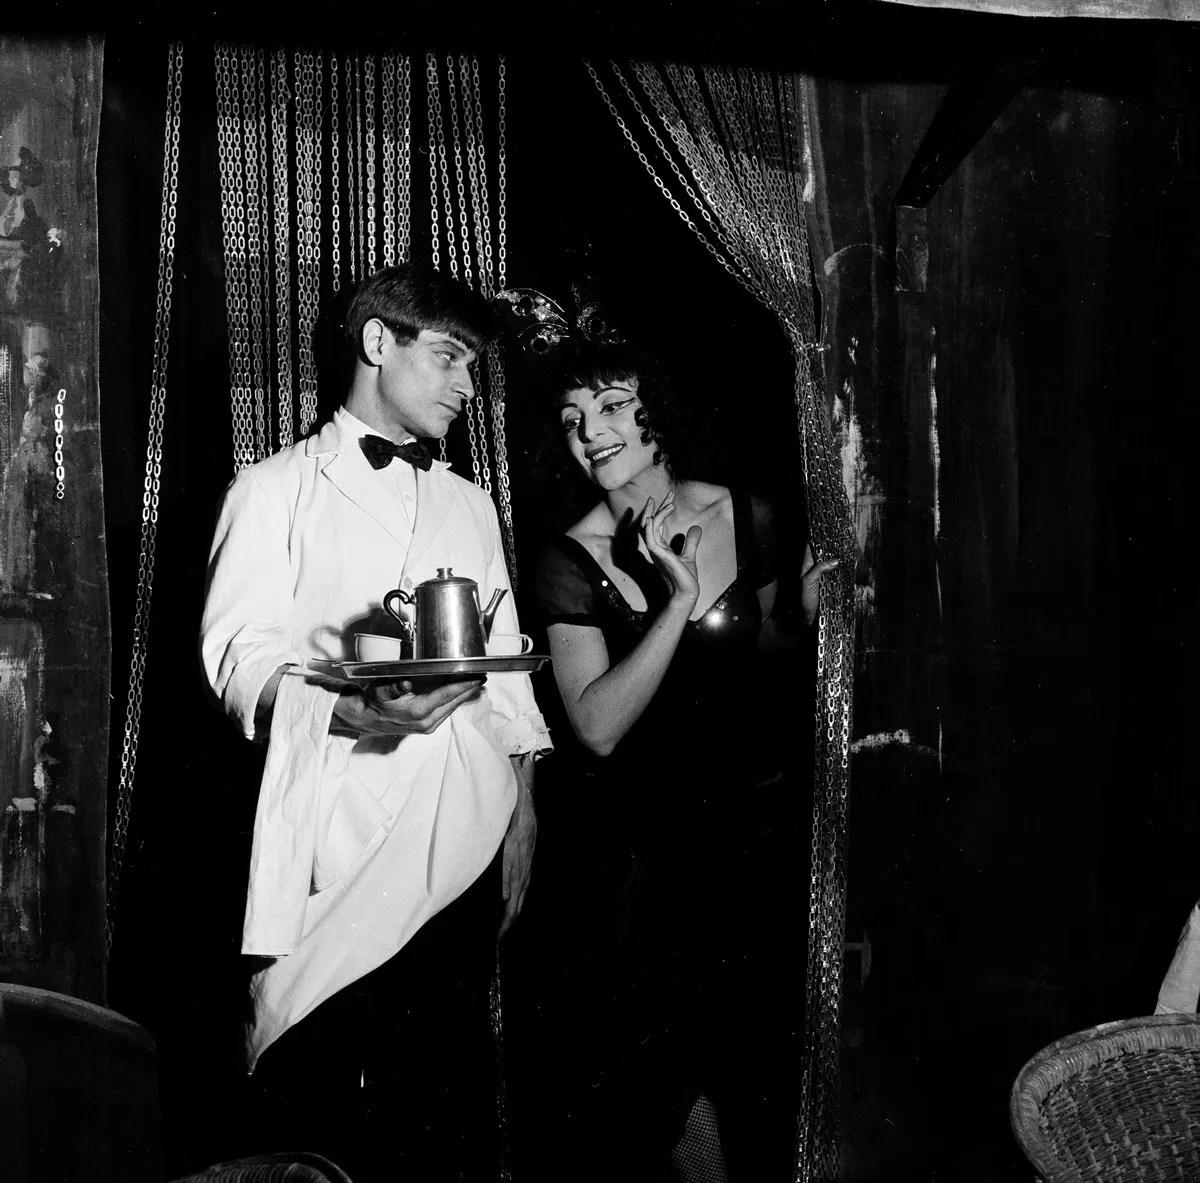 1956 Luciana Novaro in Mario e il mago with Jean Babilée, photo by Erio Piccagliani © Teatro alla Scala